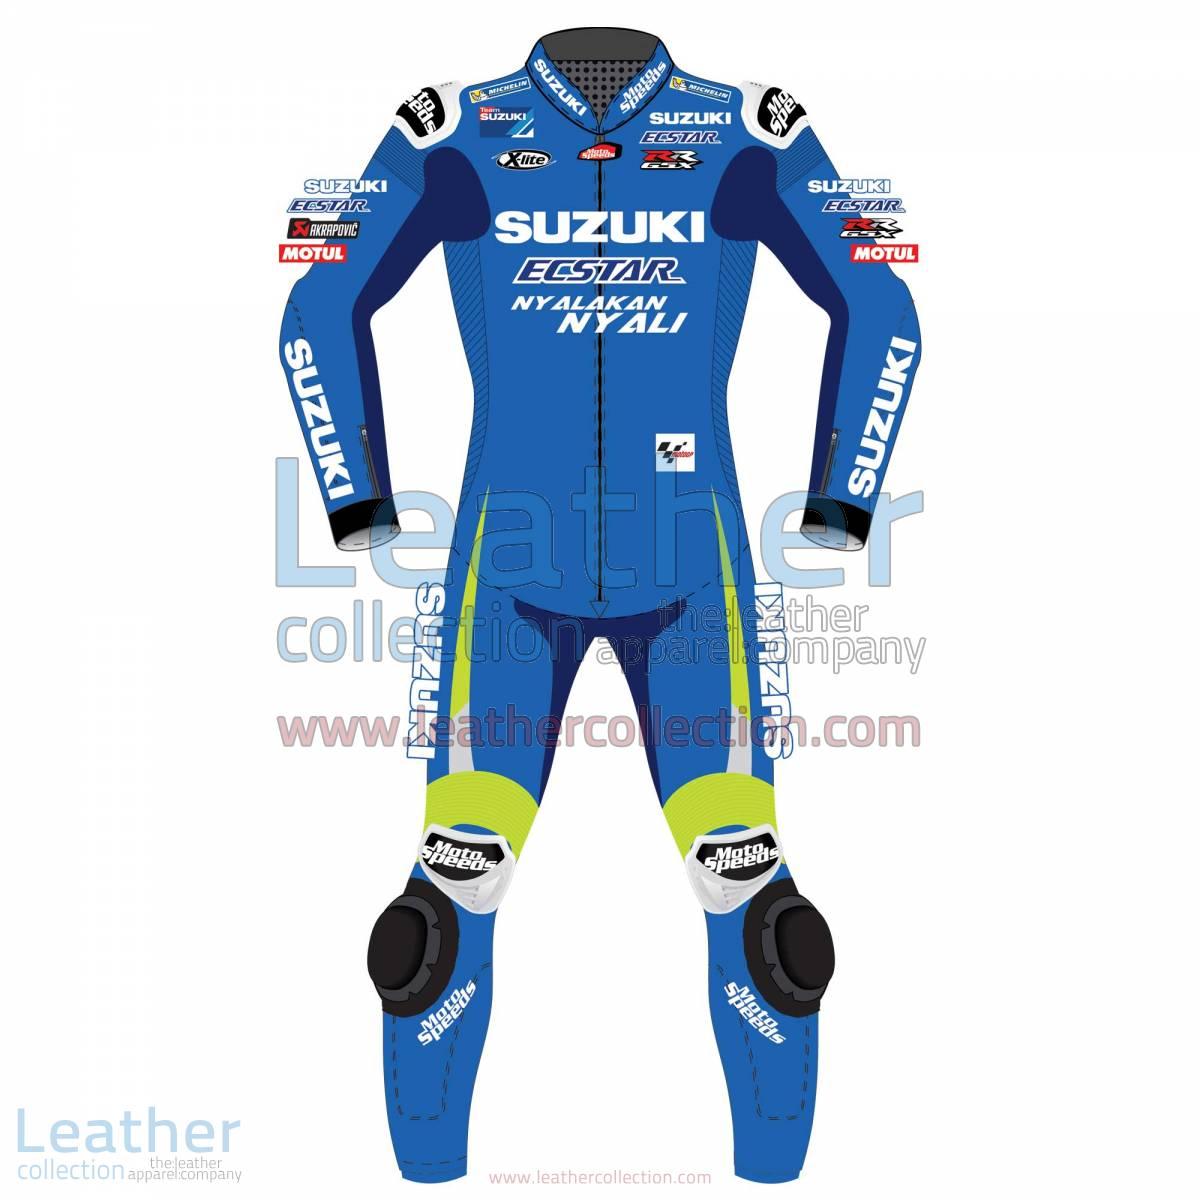 Alex Rins Suzuki MotoGP 2017 Racing Suit | Alex Rins Suzuki MotoGP 2017 Racing Suit